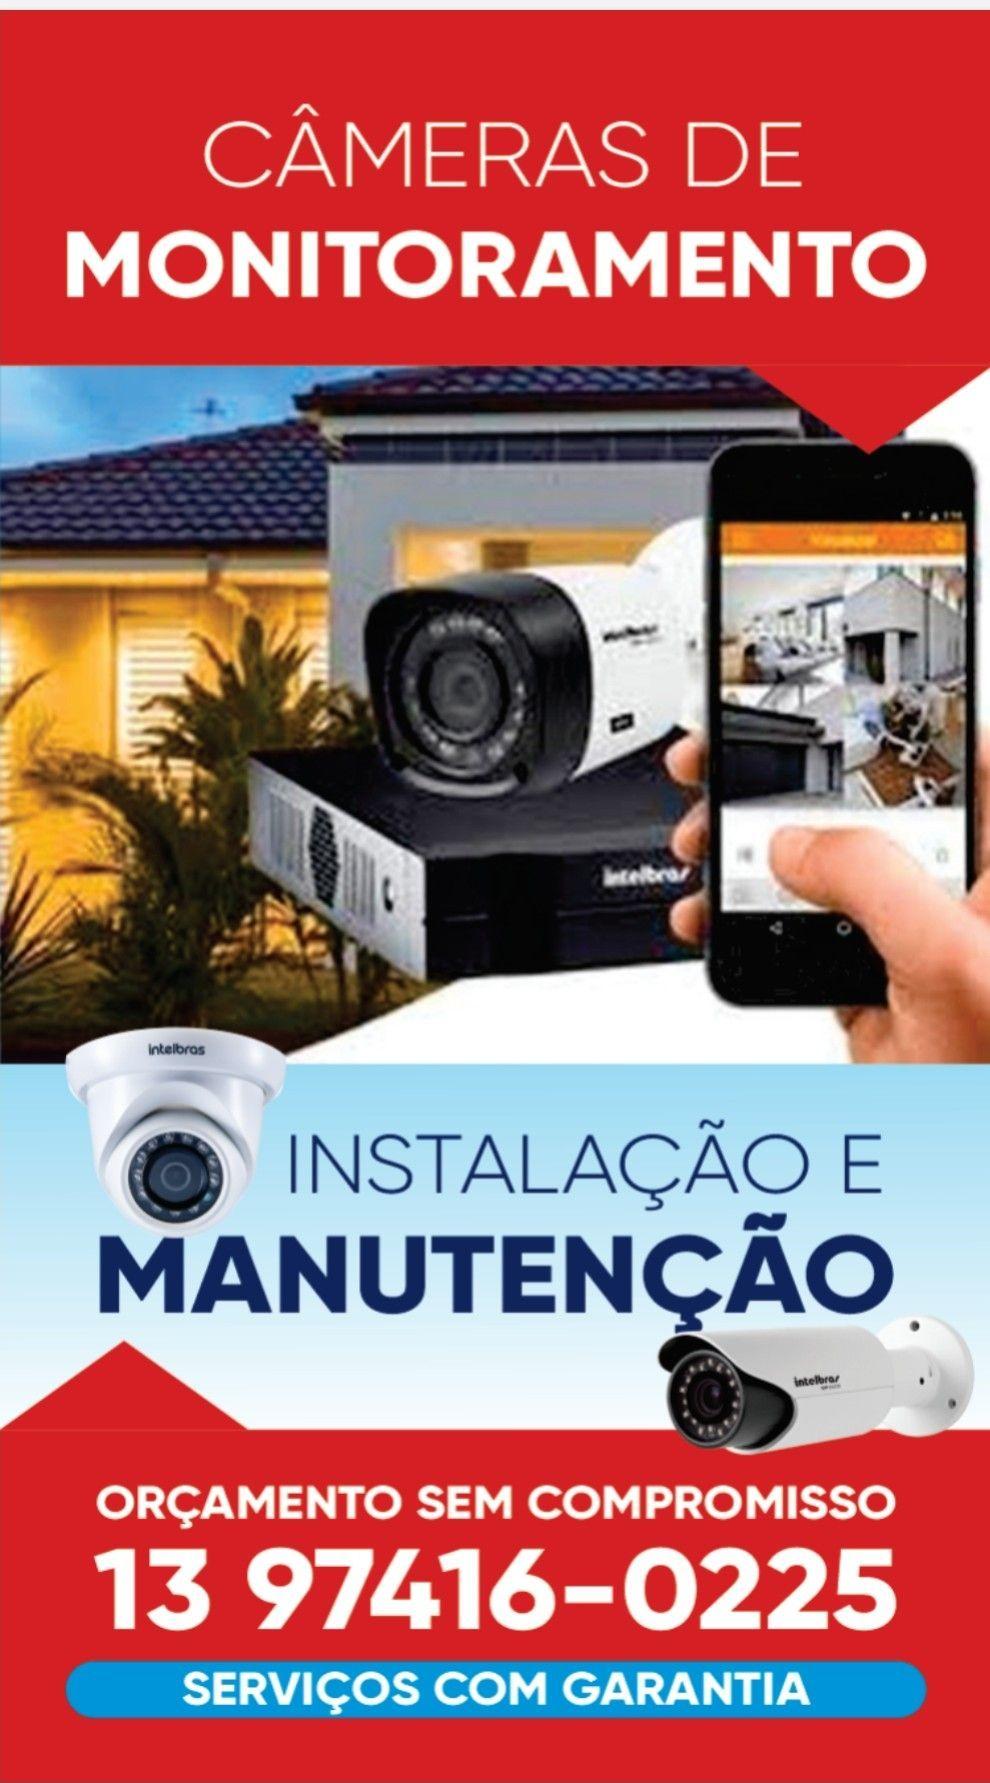 Instalação e manutenção em câmeras de segurança